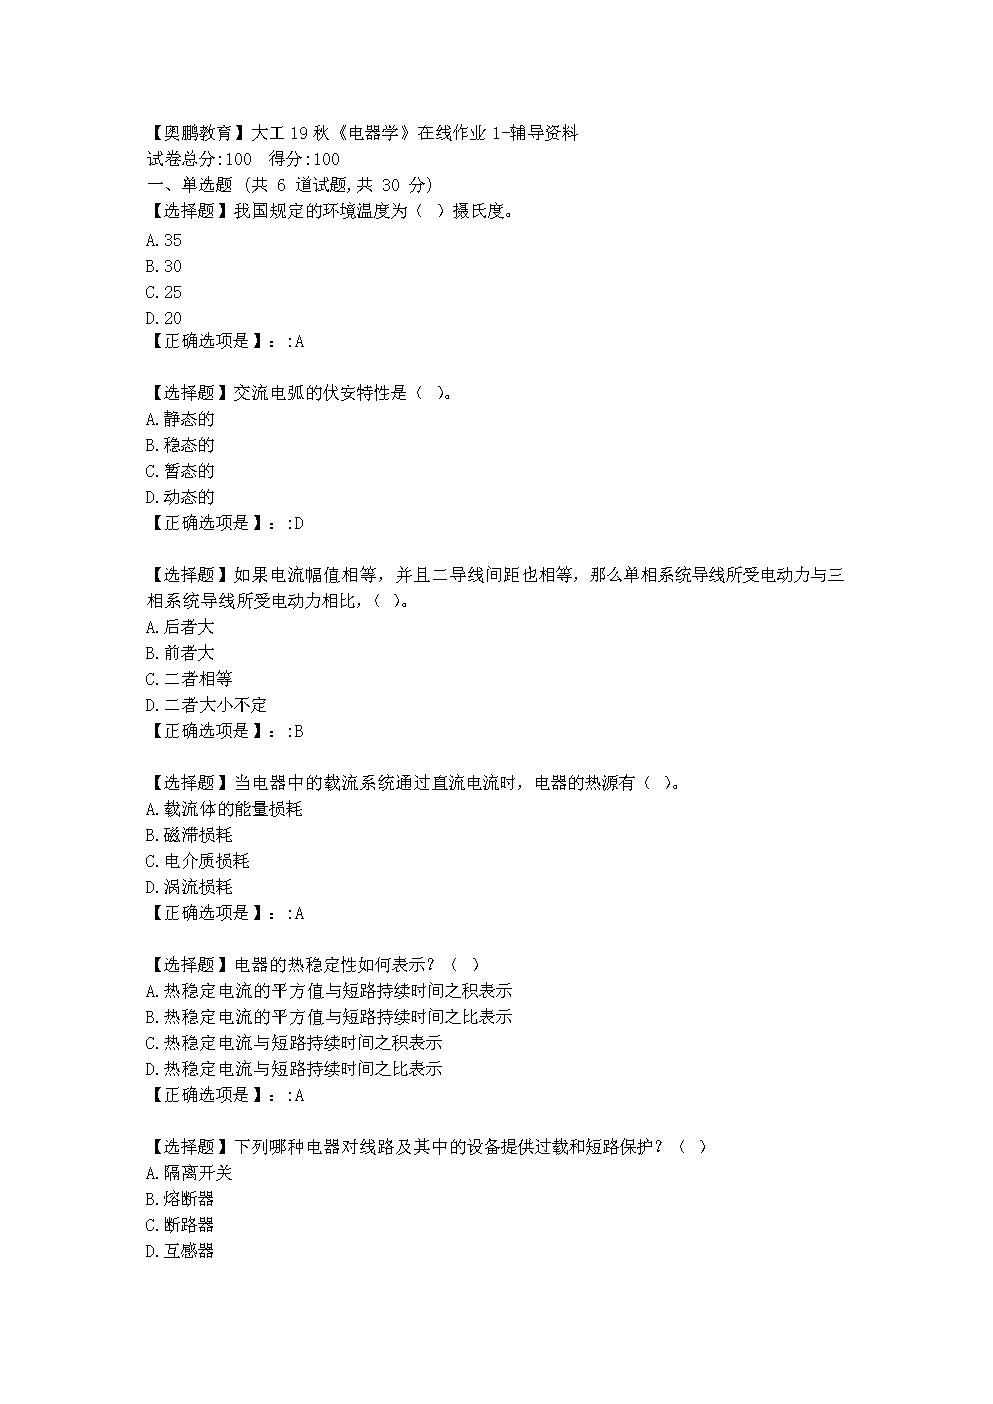 大连理工大学19秋《电器学》在线作业1学习资料.doc